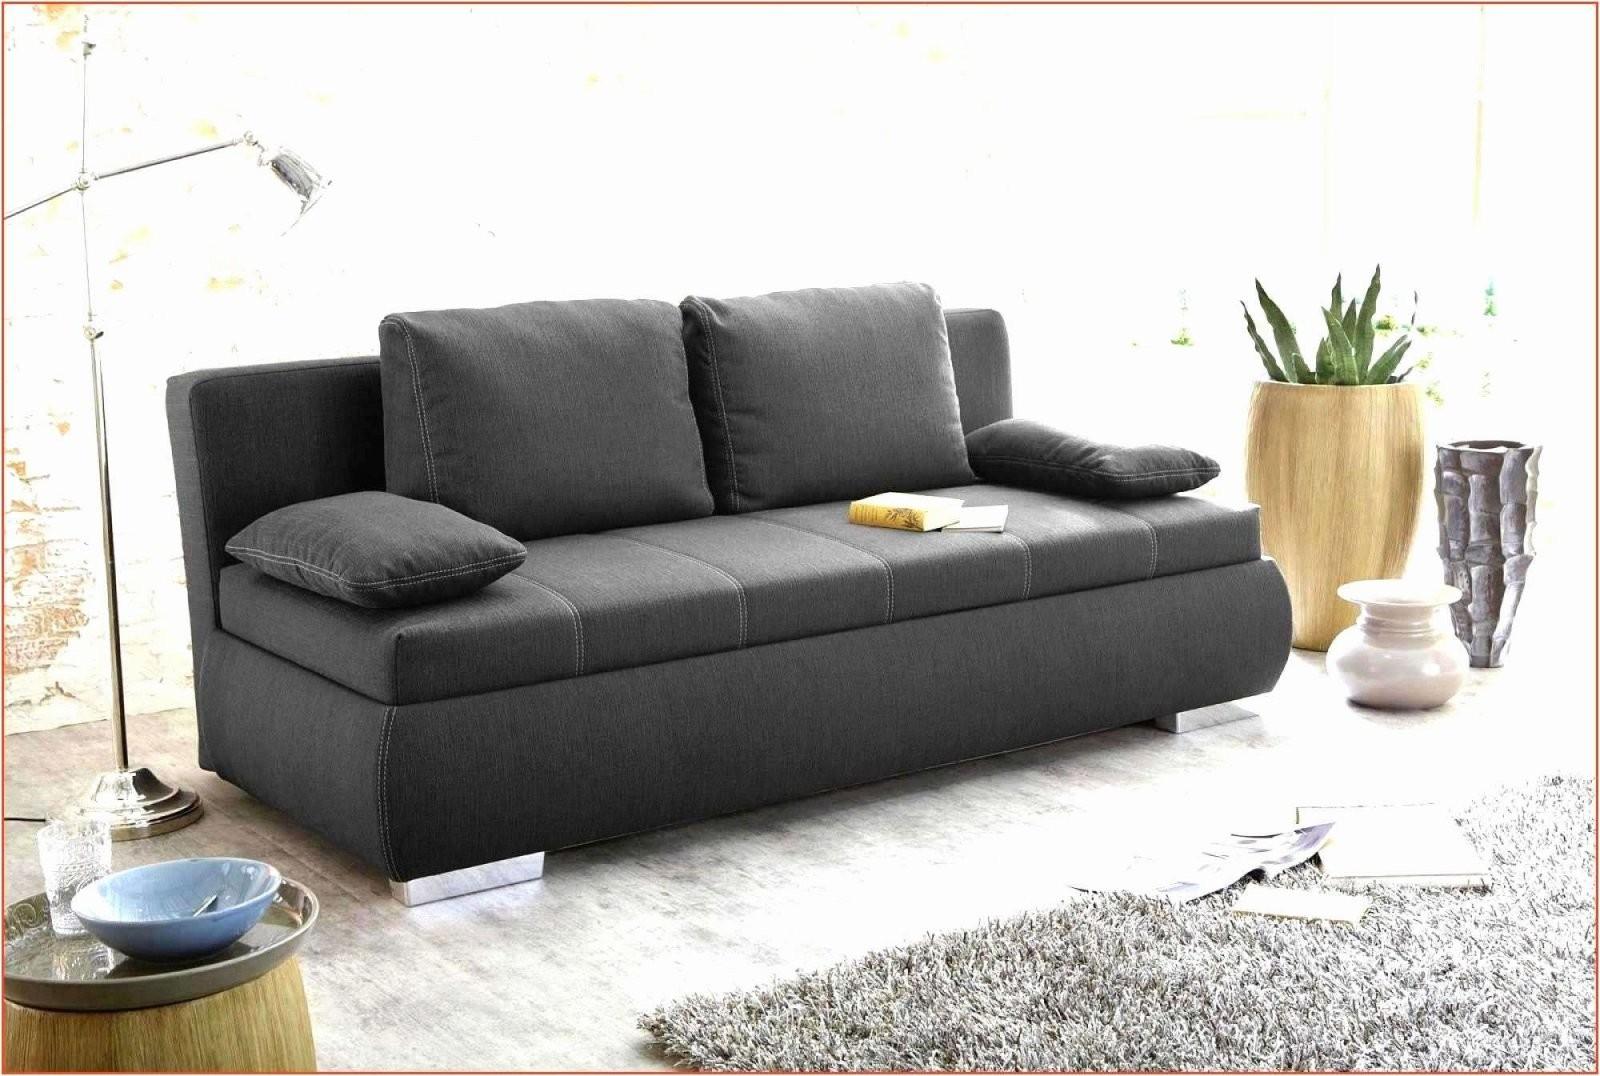 Der Besten Möbel Roller Schlafsofa  Couch Möbel  Sofa Furniture Home von Roller Ecksofa Mit Schlaffunktion Bild